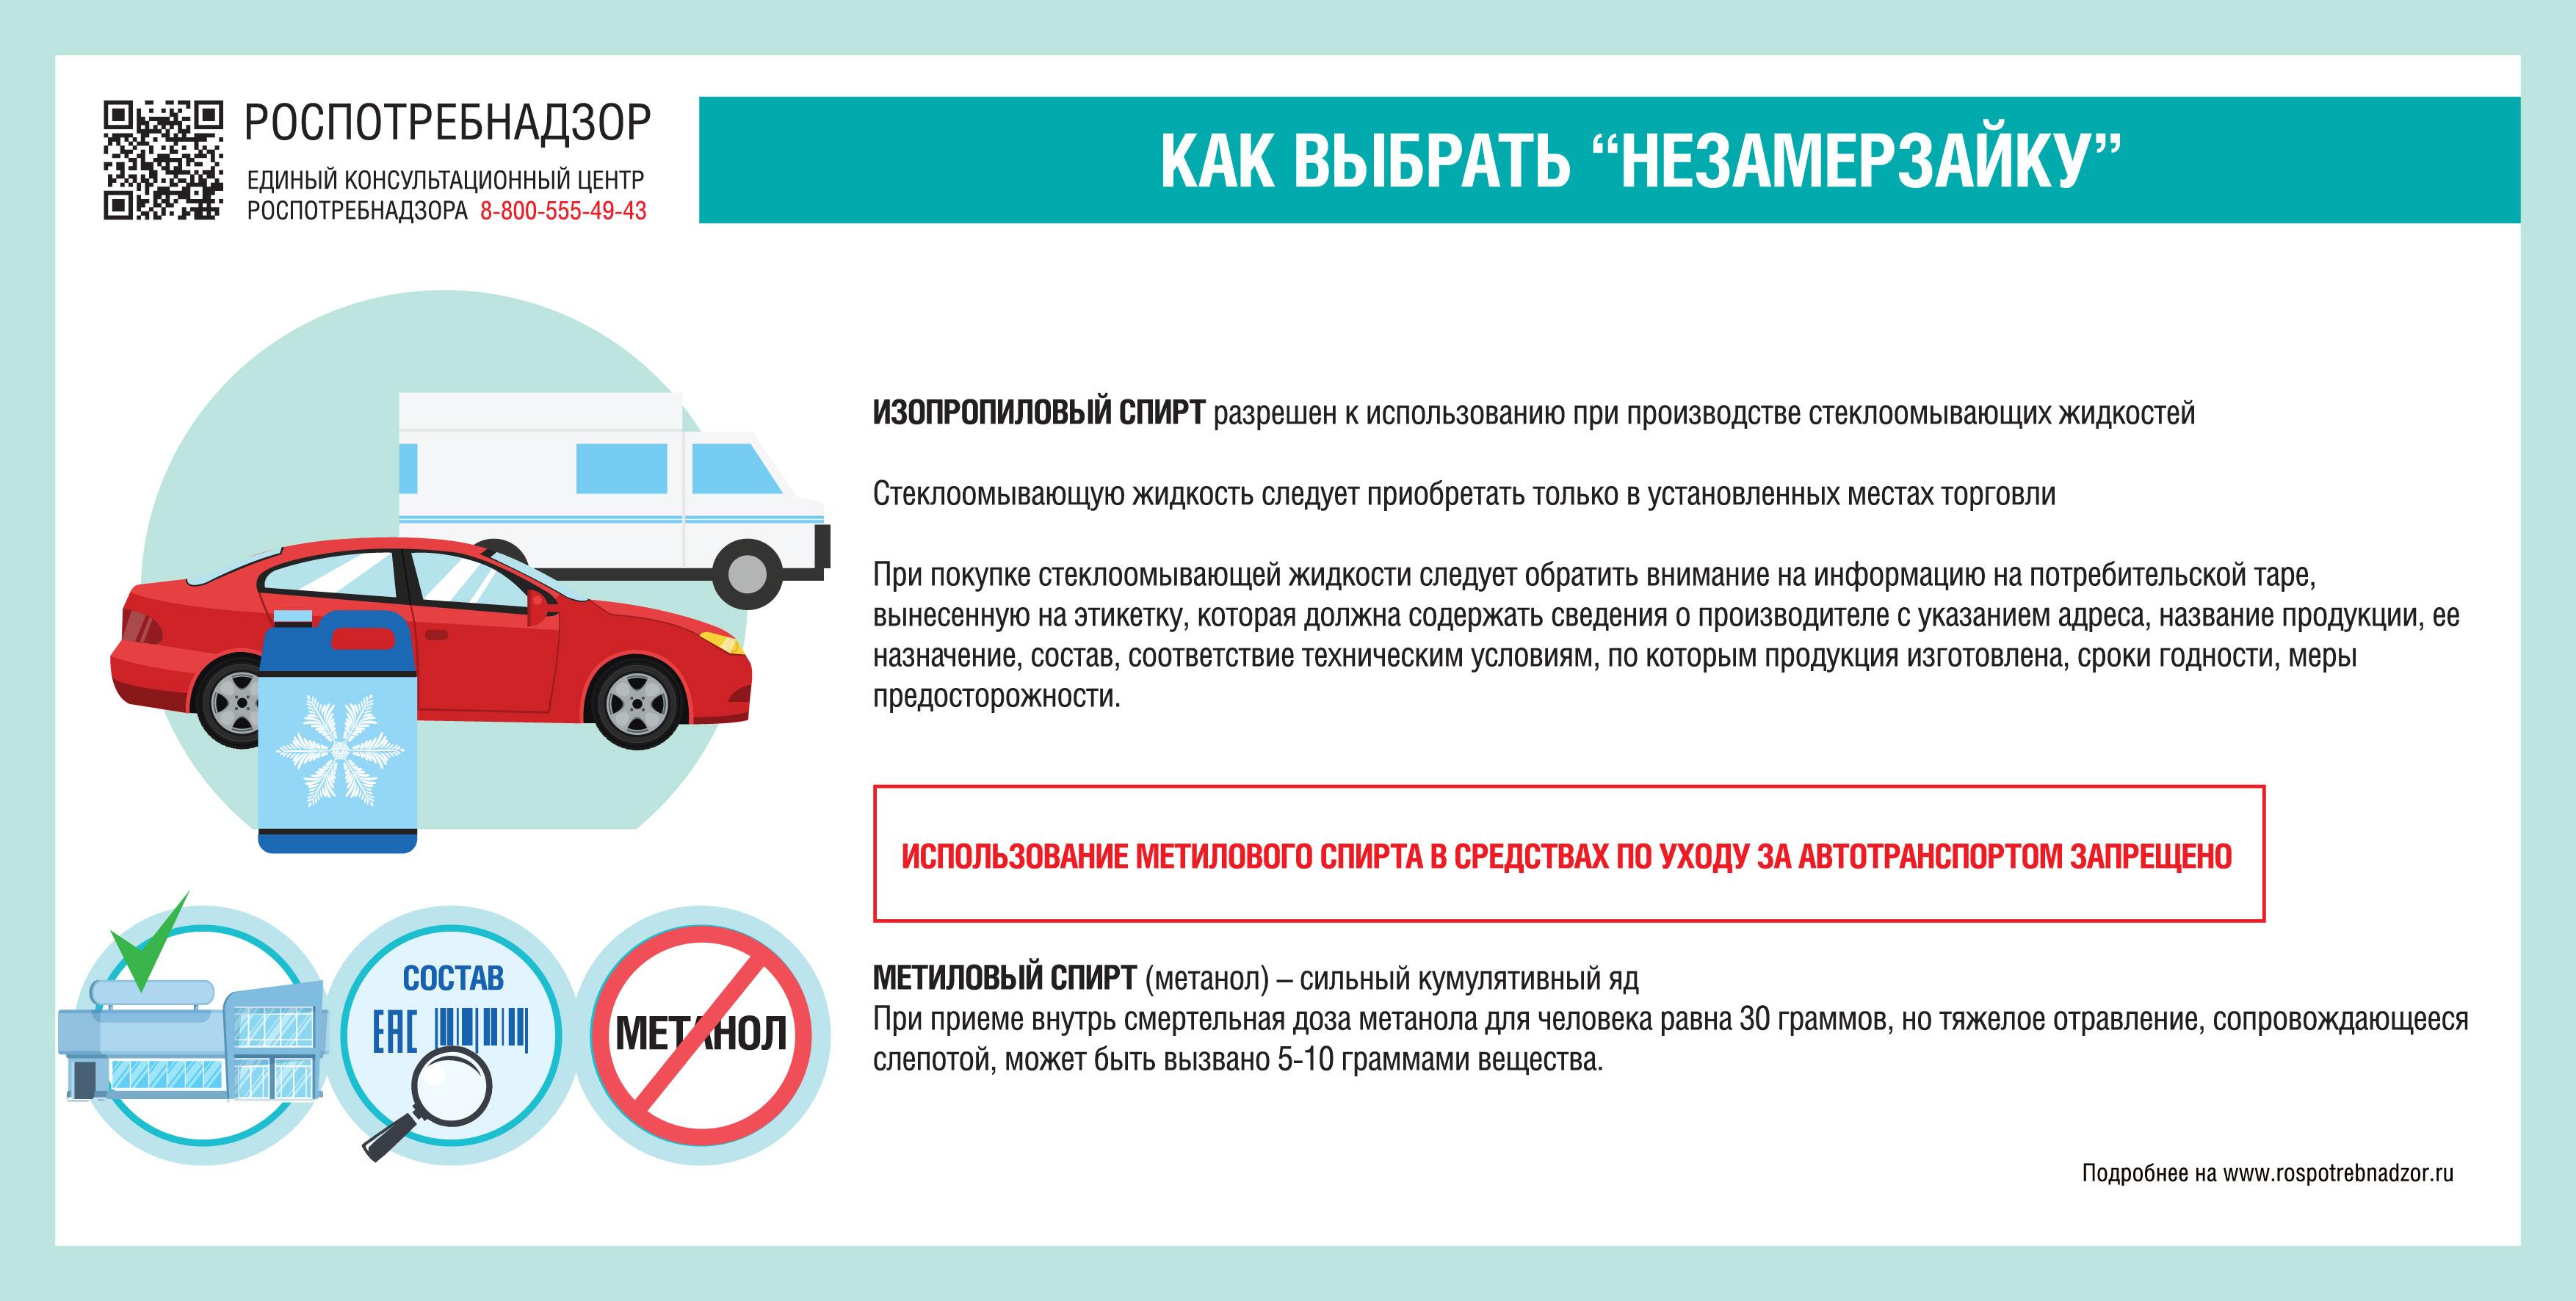 О мерах по контролю за безопасностью стеклоомывающей жидкости и правилах ее выбора